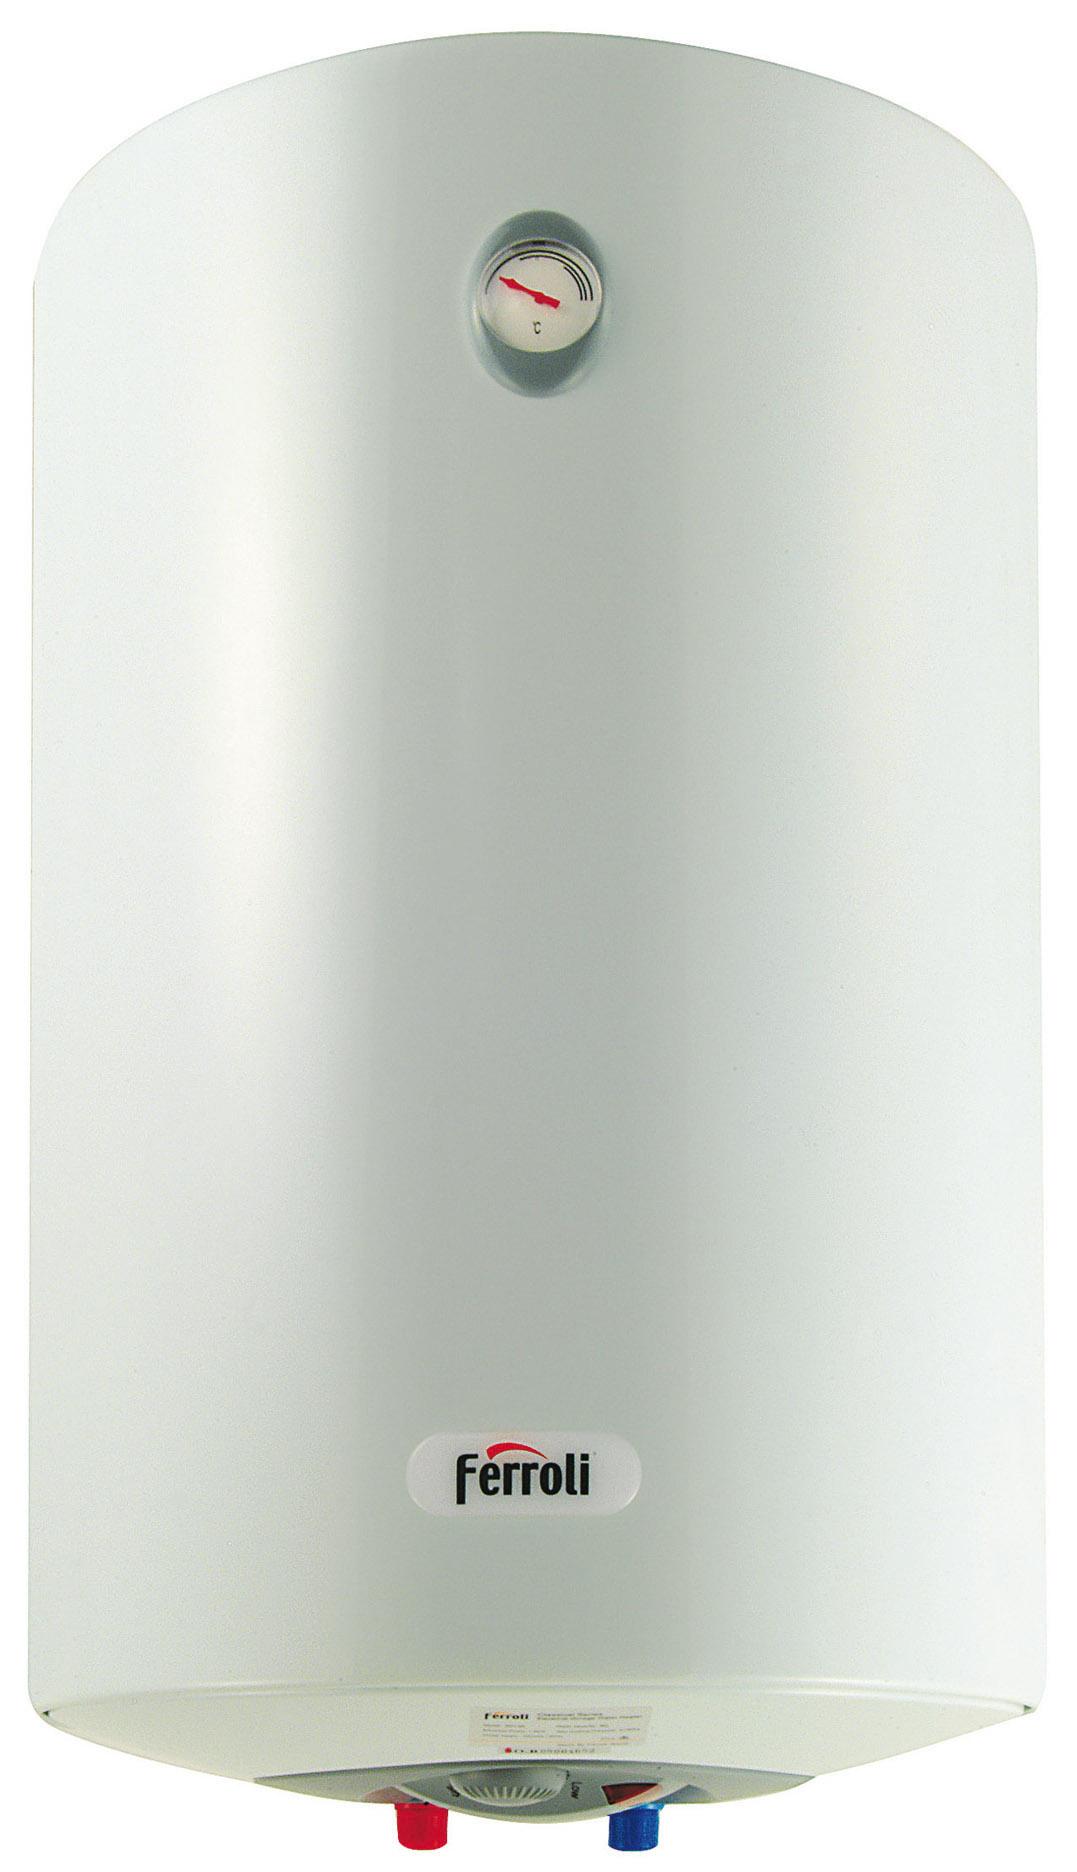 Instalaci n de termos y calentadores el ctricos agua - Instalacion de termo electrico ...